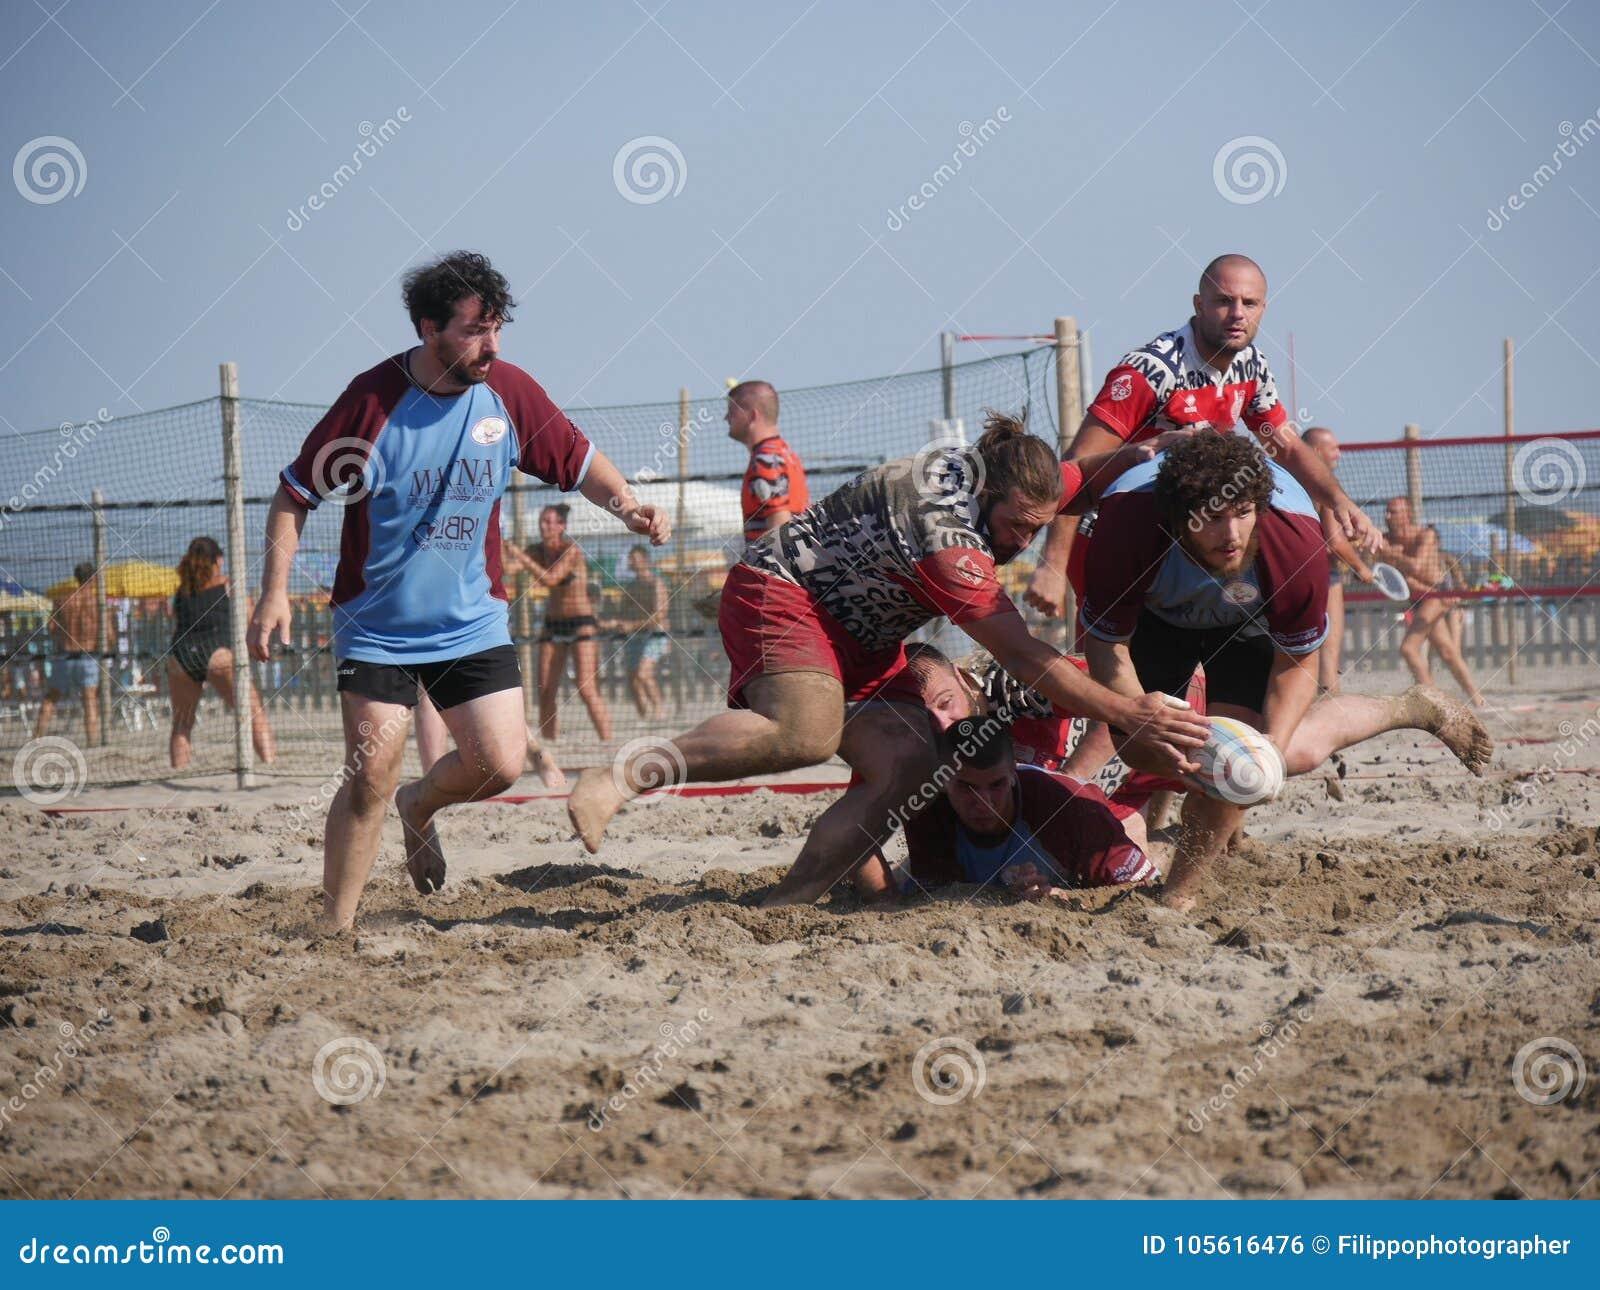 Beach rugby rosolina fi vs rosolina editorial photo